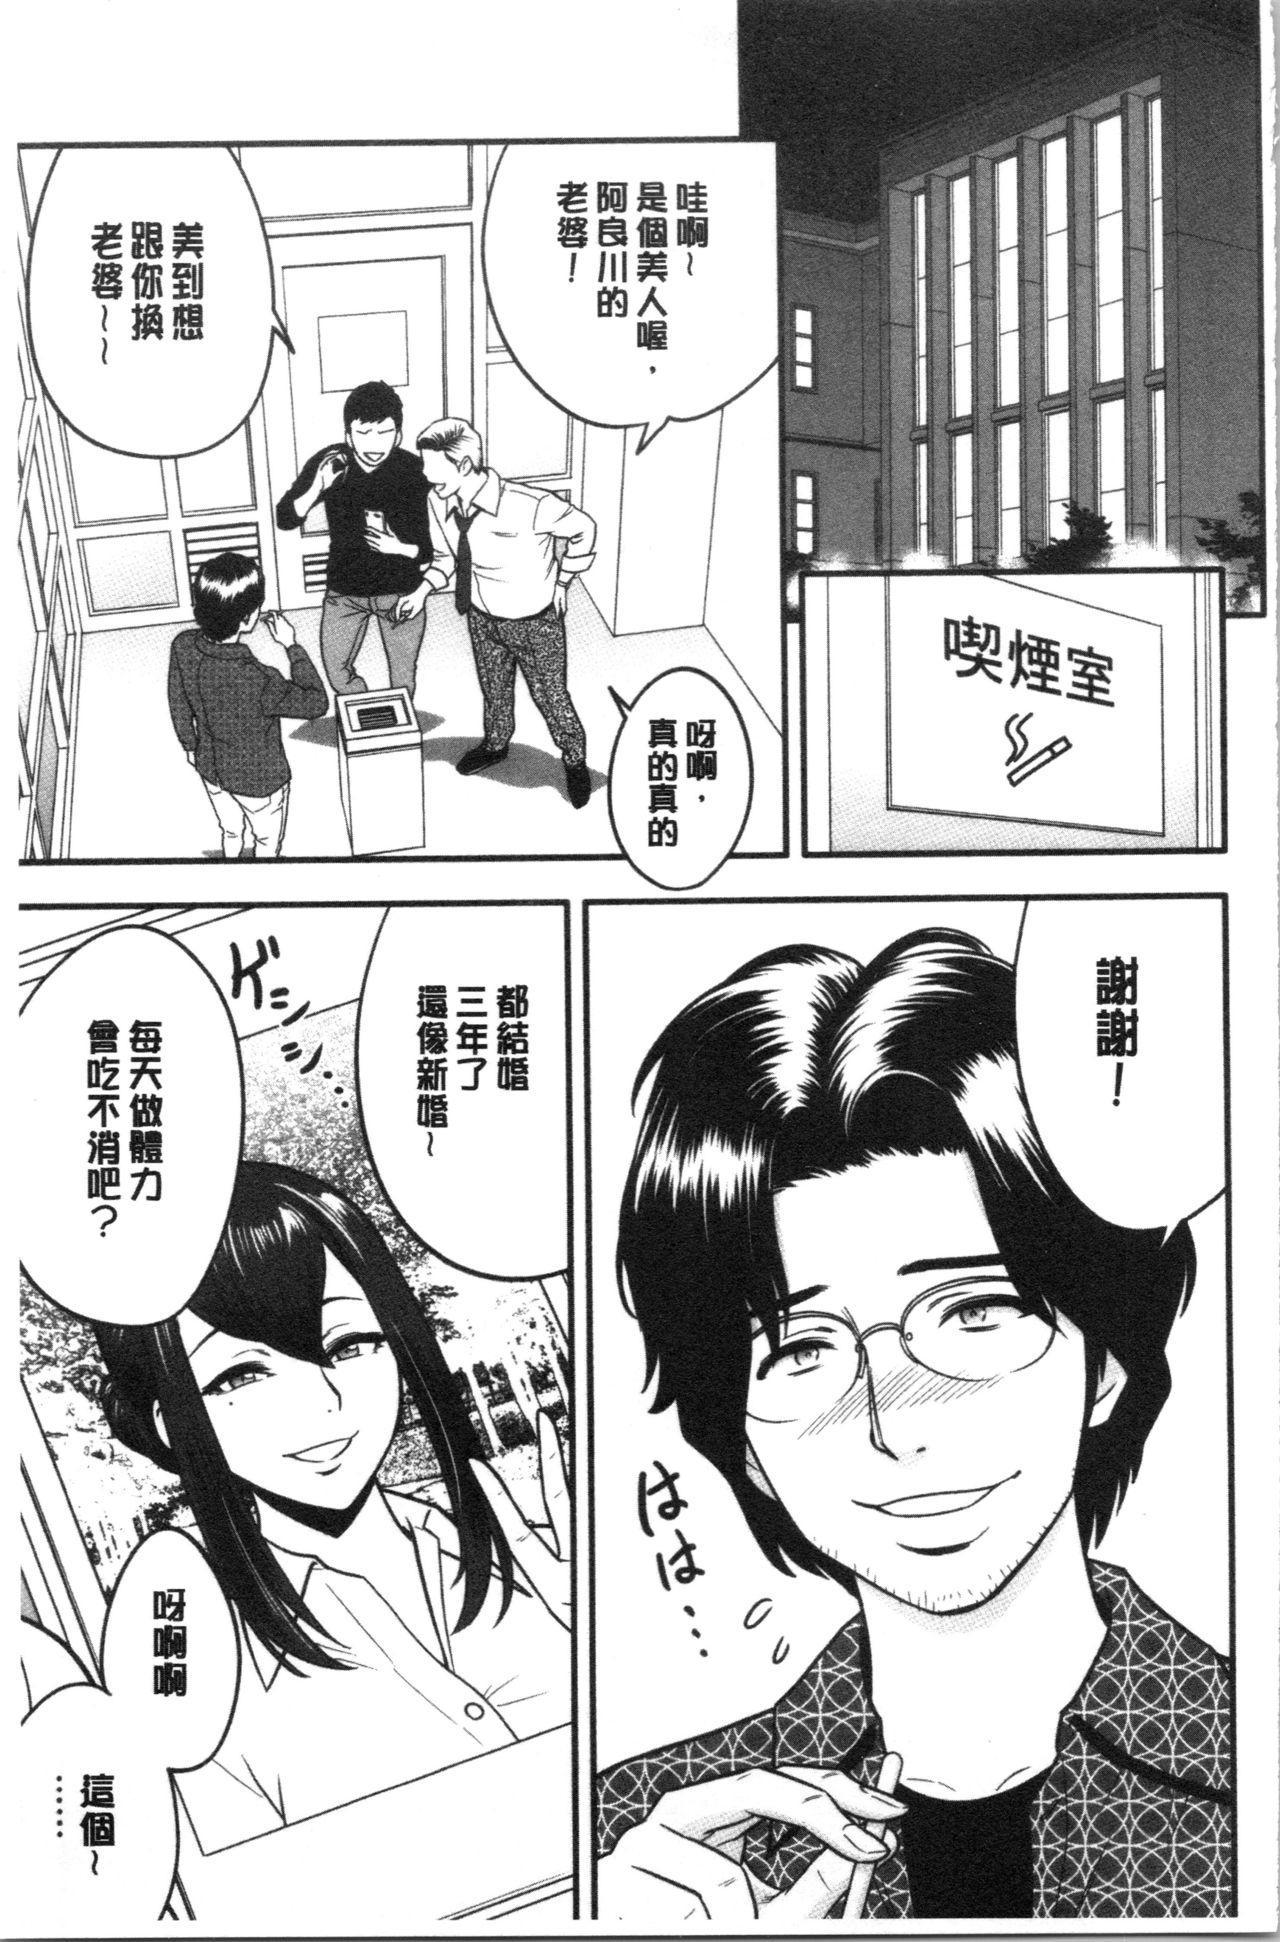 [Tatsunami Youtoku] Dankon Sousai -Hitozuma Kyoushi ga Netorareru made no Kiroku- | 男根想妻 -人妻女教師被寢取偷吃為止的記錄- [Chinese] 31